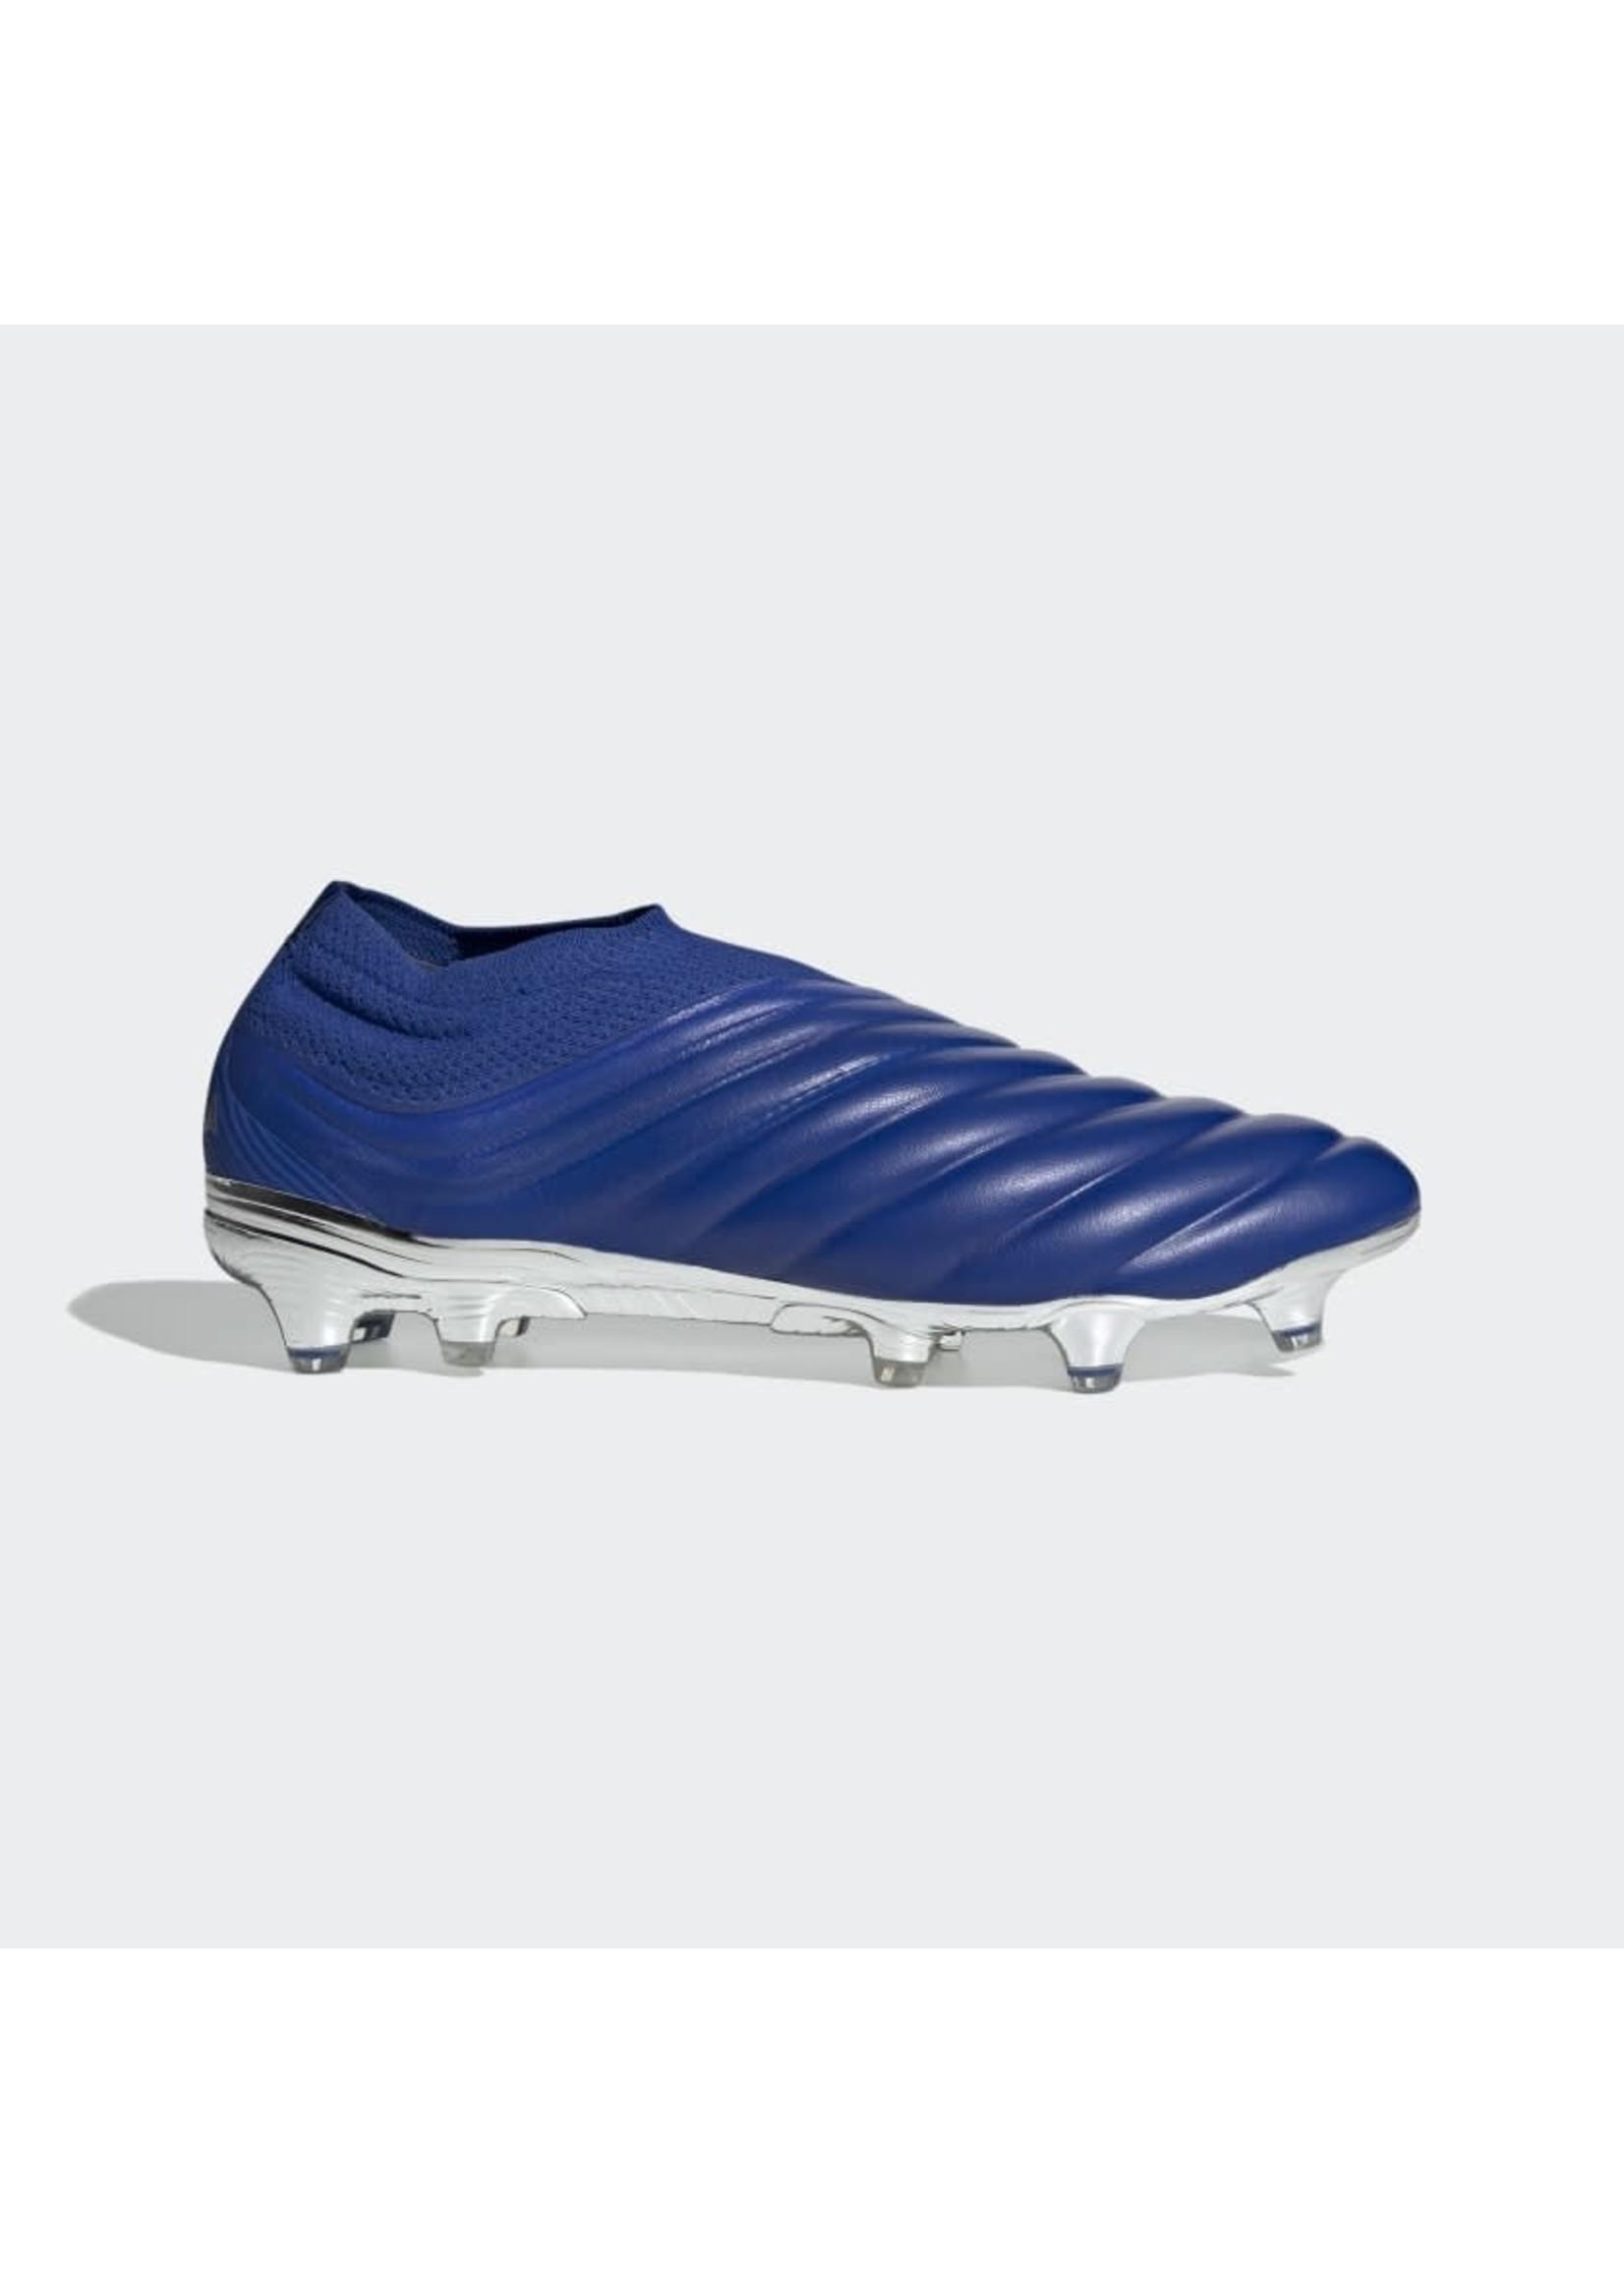 Adidas Copa 20+ FG - Blue/Silver